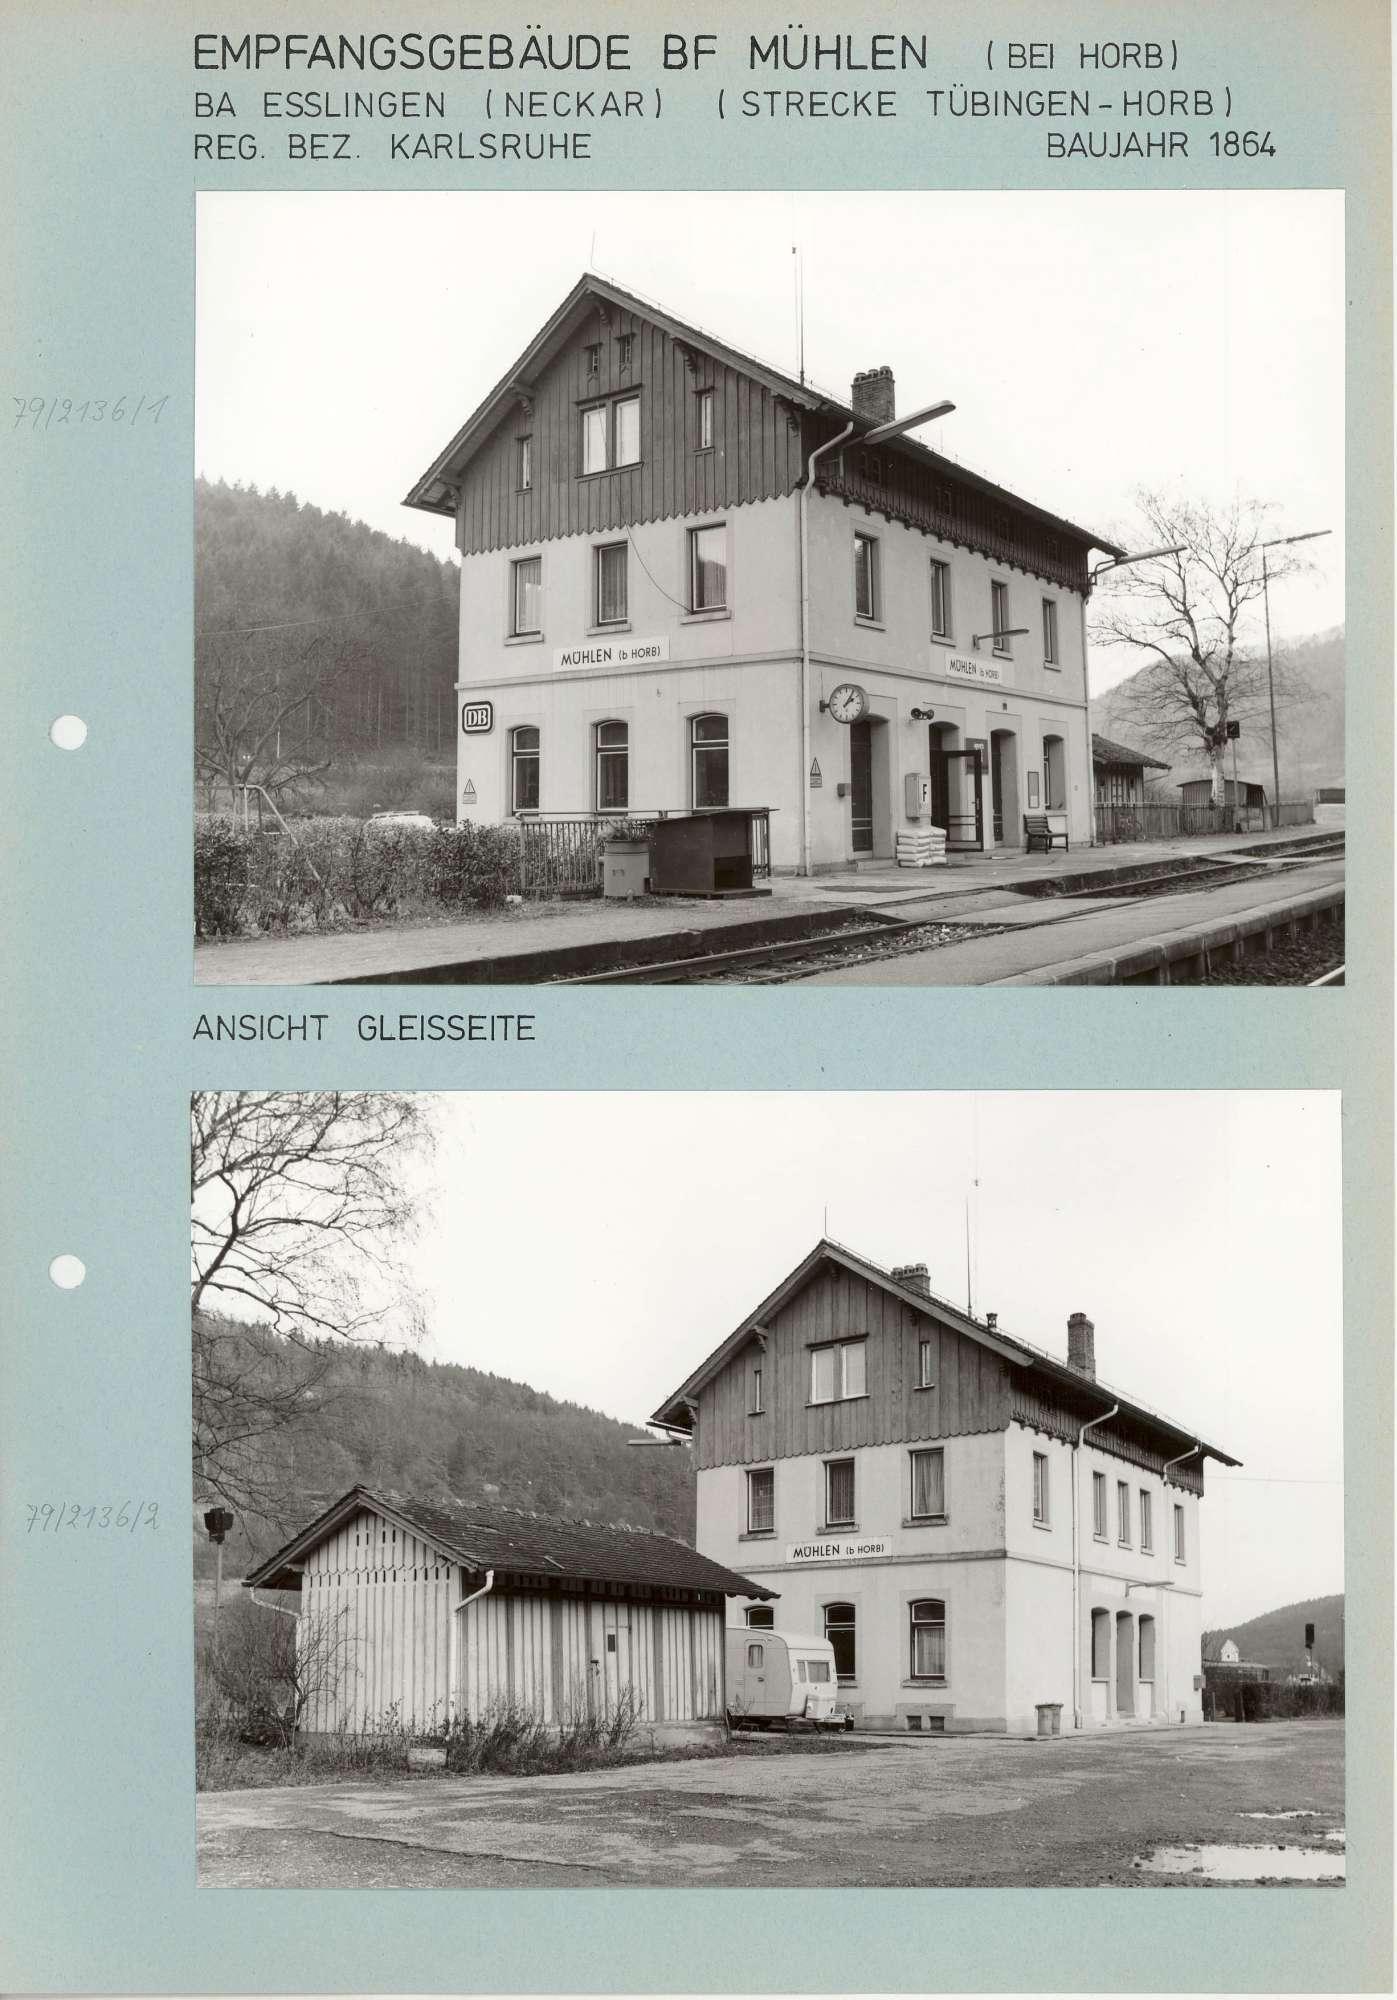 Mühlen am Neckar: 4 Fotos, Bild 2